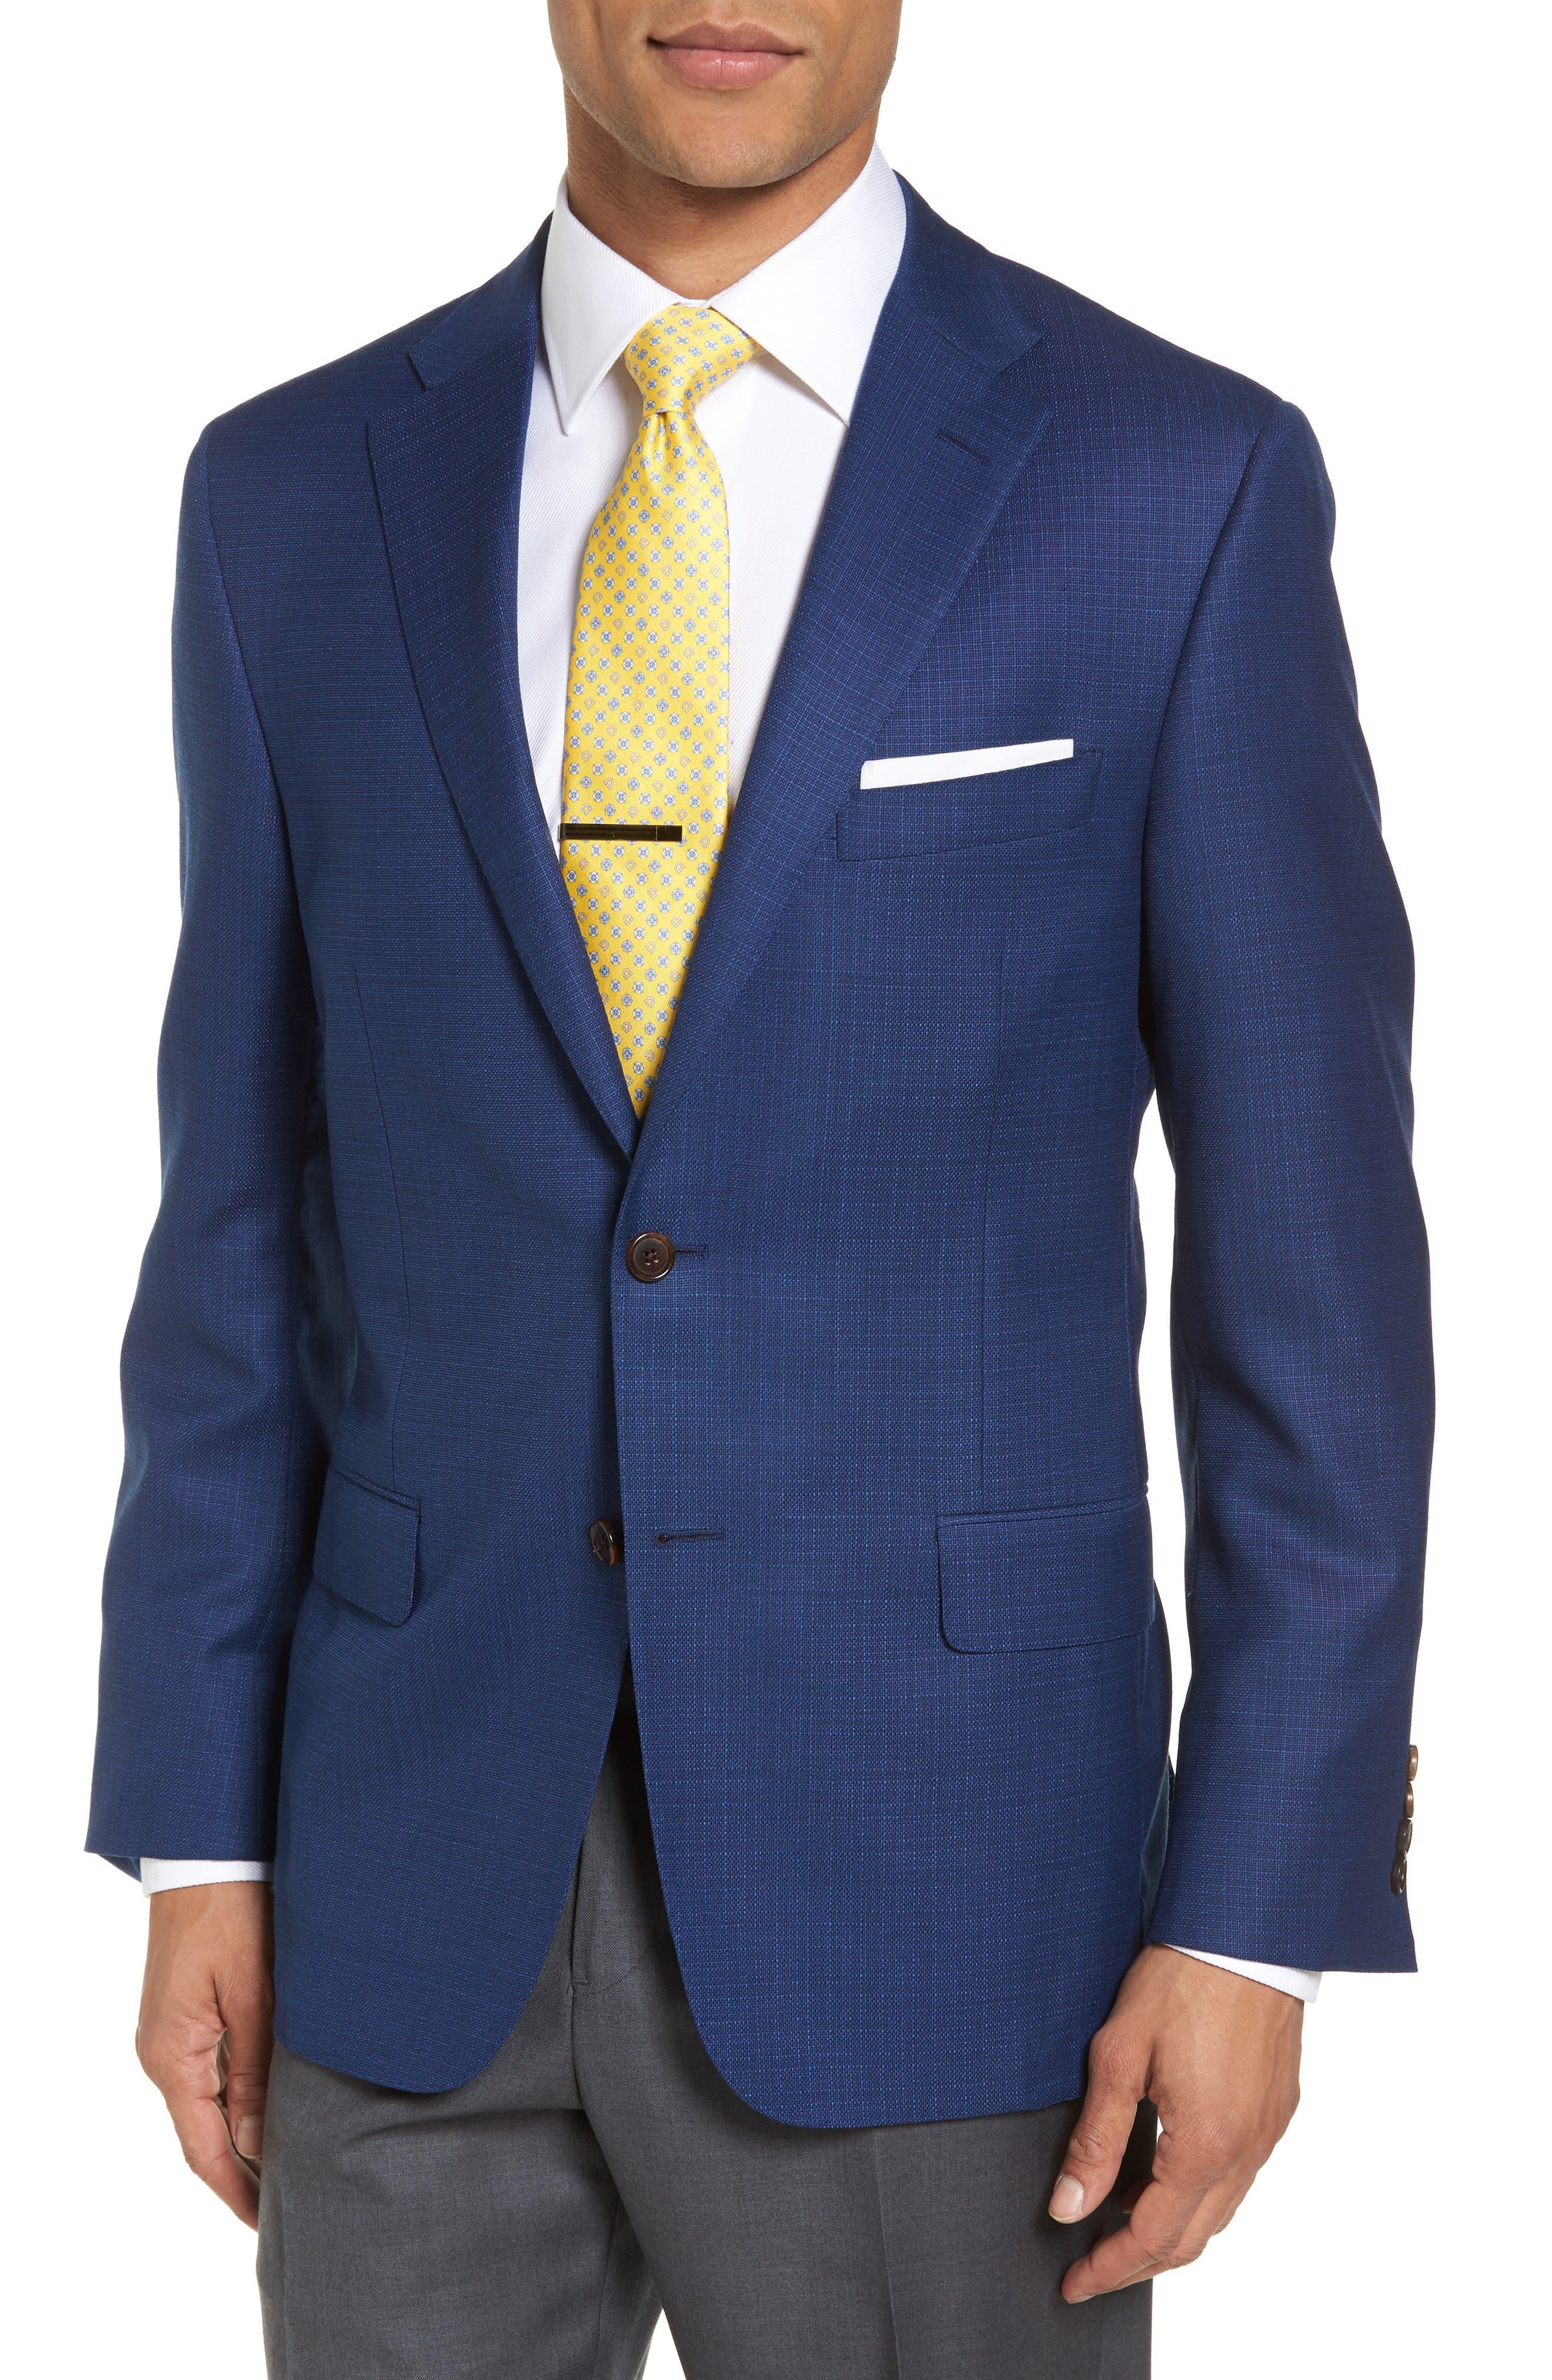 Hickey Freeman B Series Classic Fit Wool Blazer